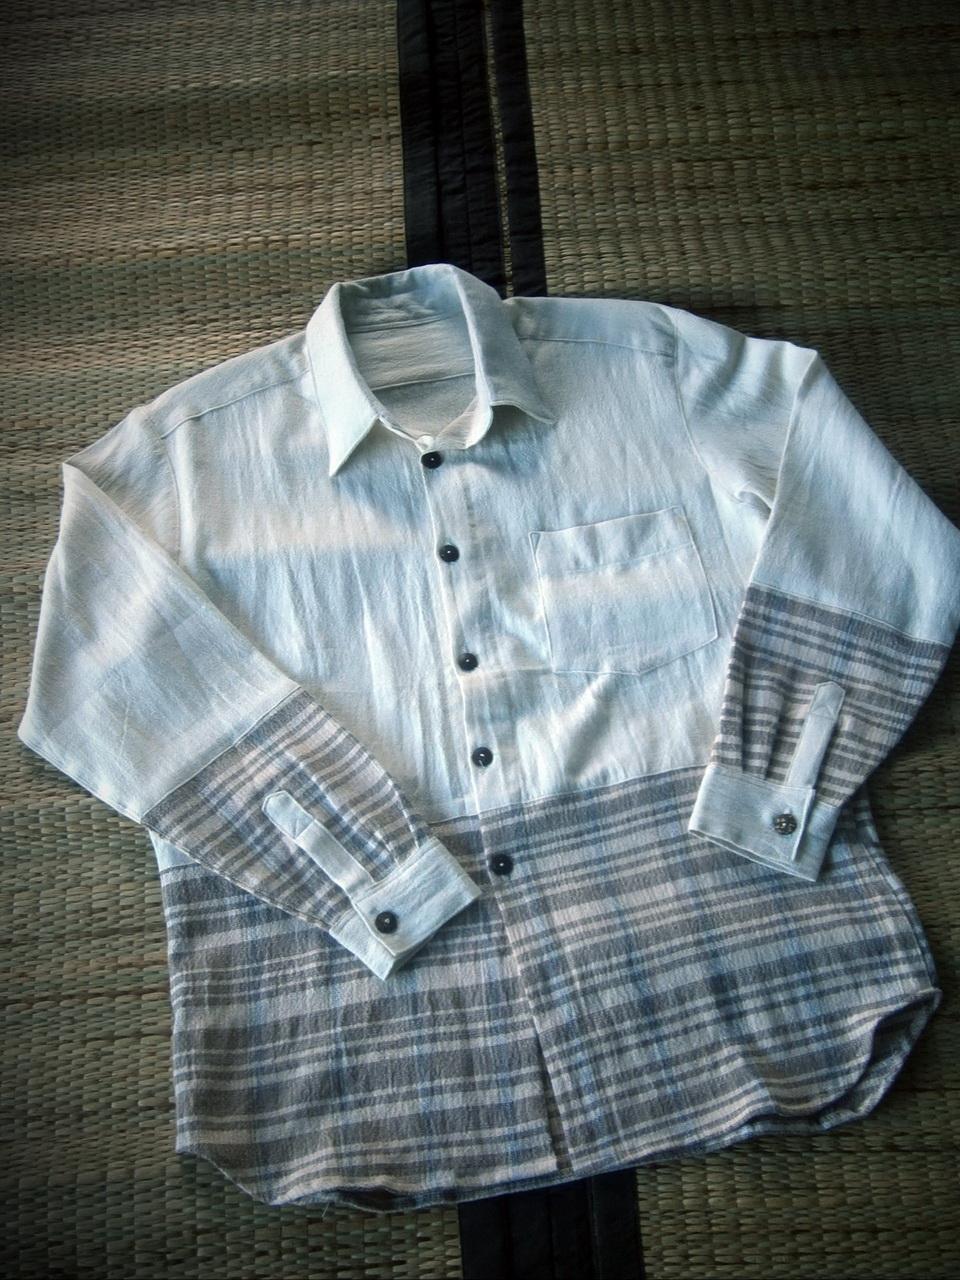 C 004-1 Handmade cotton น้ำมอญเสื้อผ้าฝ้าย